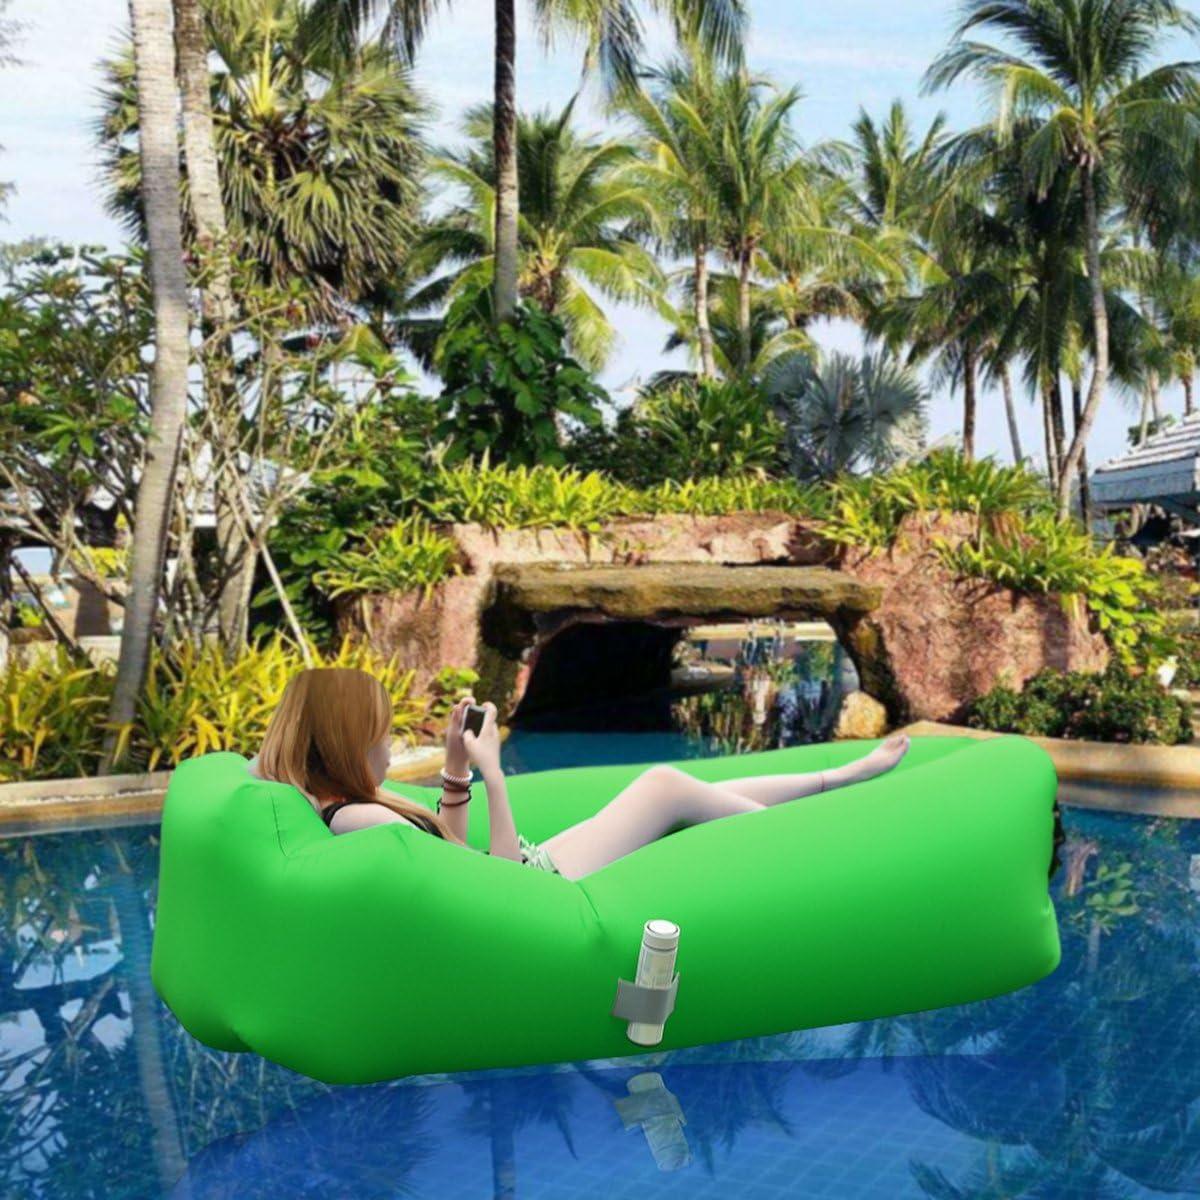 IREGRO aufblasbares Sofa New Version tragbarer Sitzsack wasserdichtes Aufblasbare Couch air Lounger Outdoor Sofa f/ür Camping